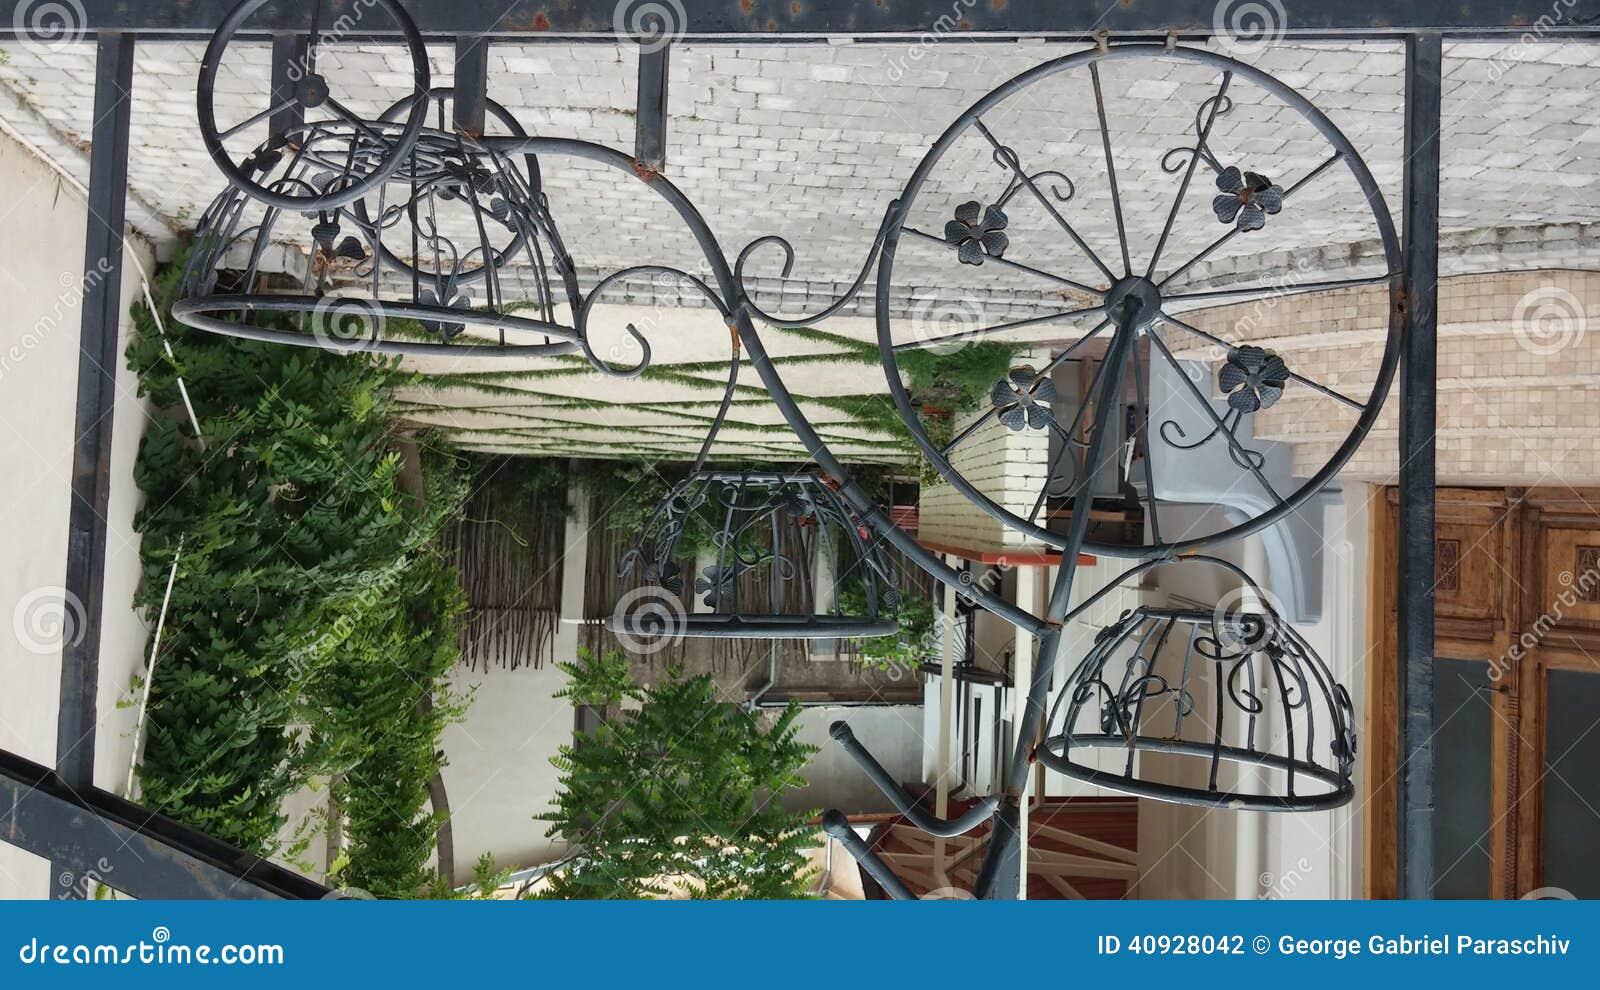 cerca do jardim com 3 rodas bicycle o modelo Imagem tomada com